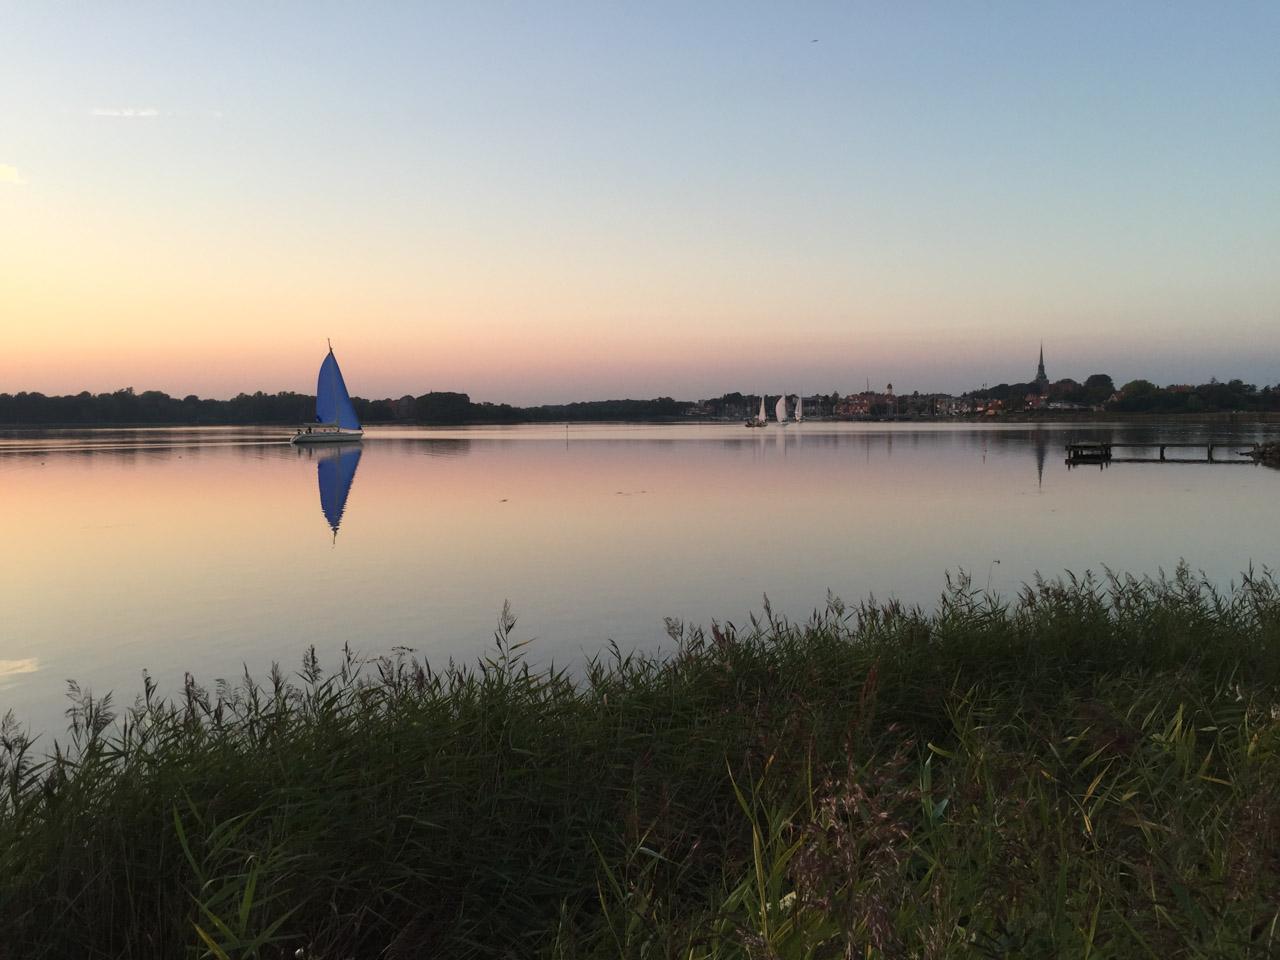 Uitzicht over Nysted baai bij zonsondergang.